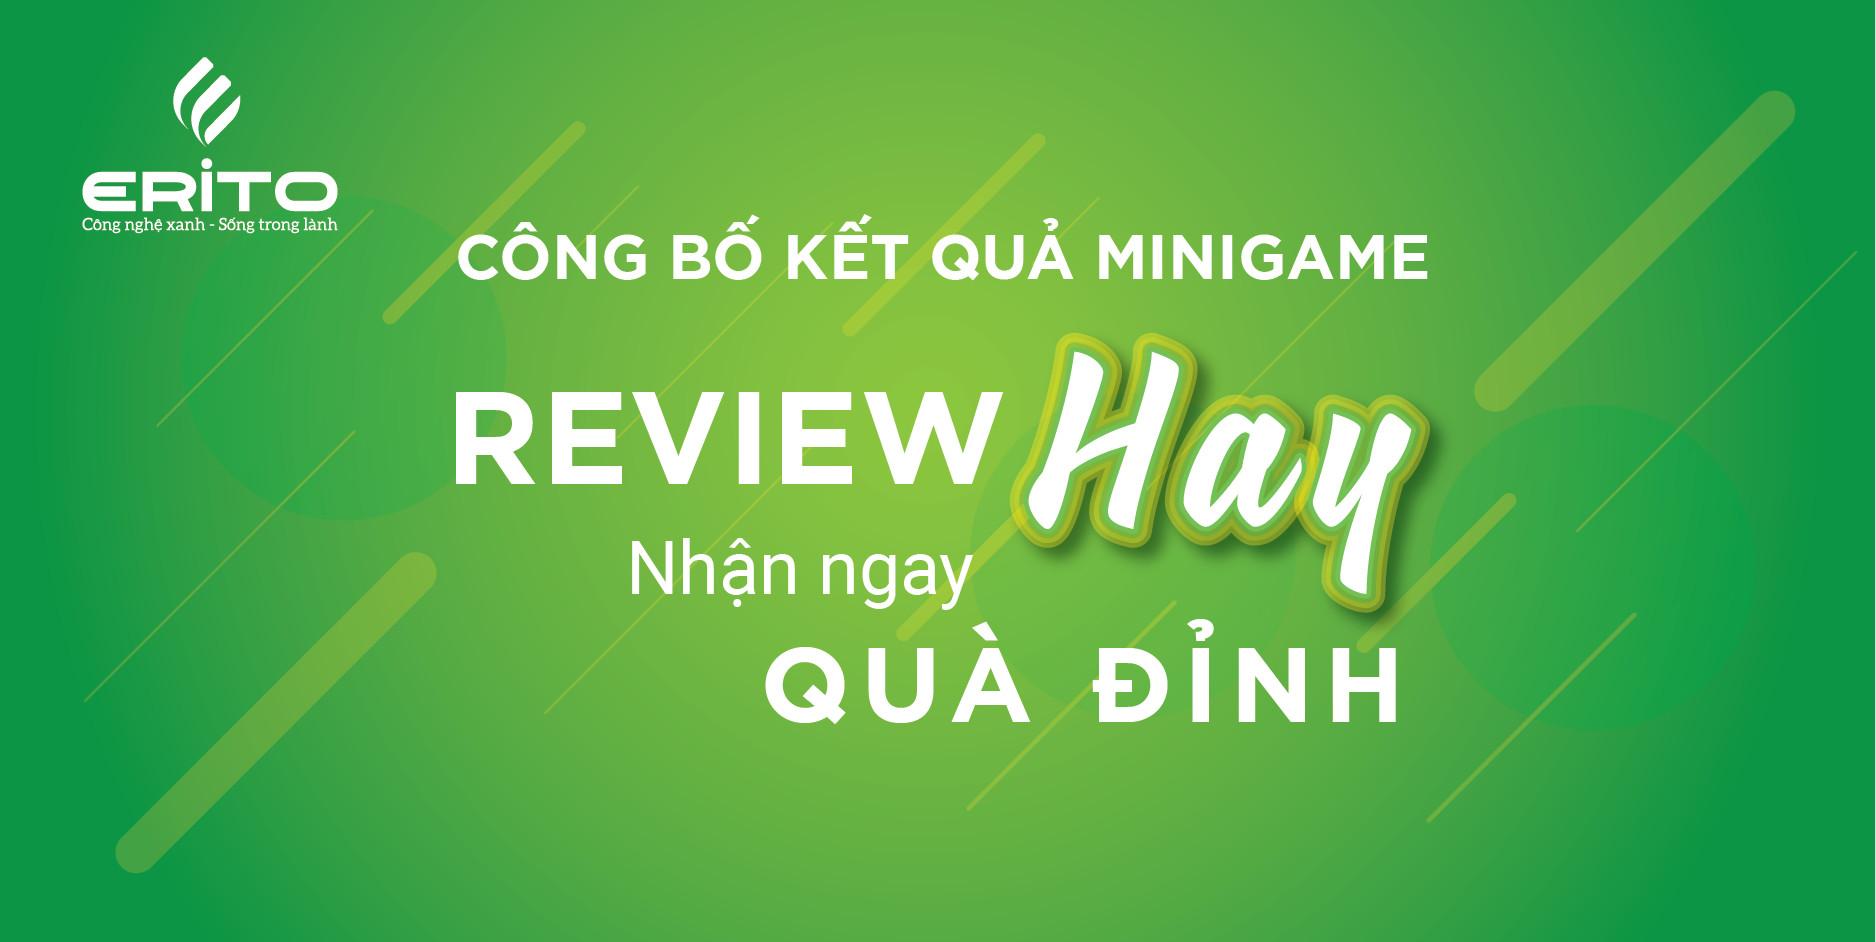 """CÔNG BỐ KẾT QUẢ MINIGAME """"REVIEW HAY - NHẬN NGAY QUÀ ĐỈNH"""""""